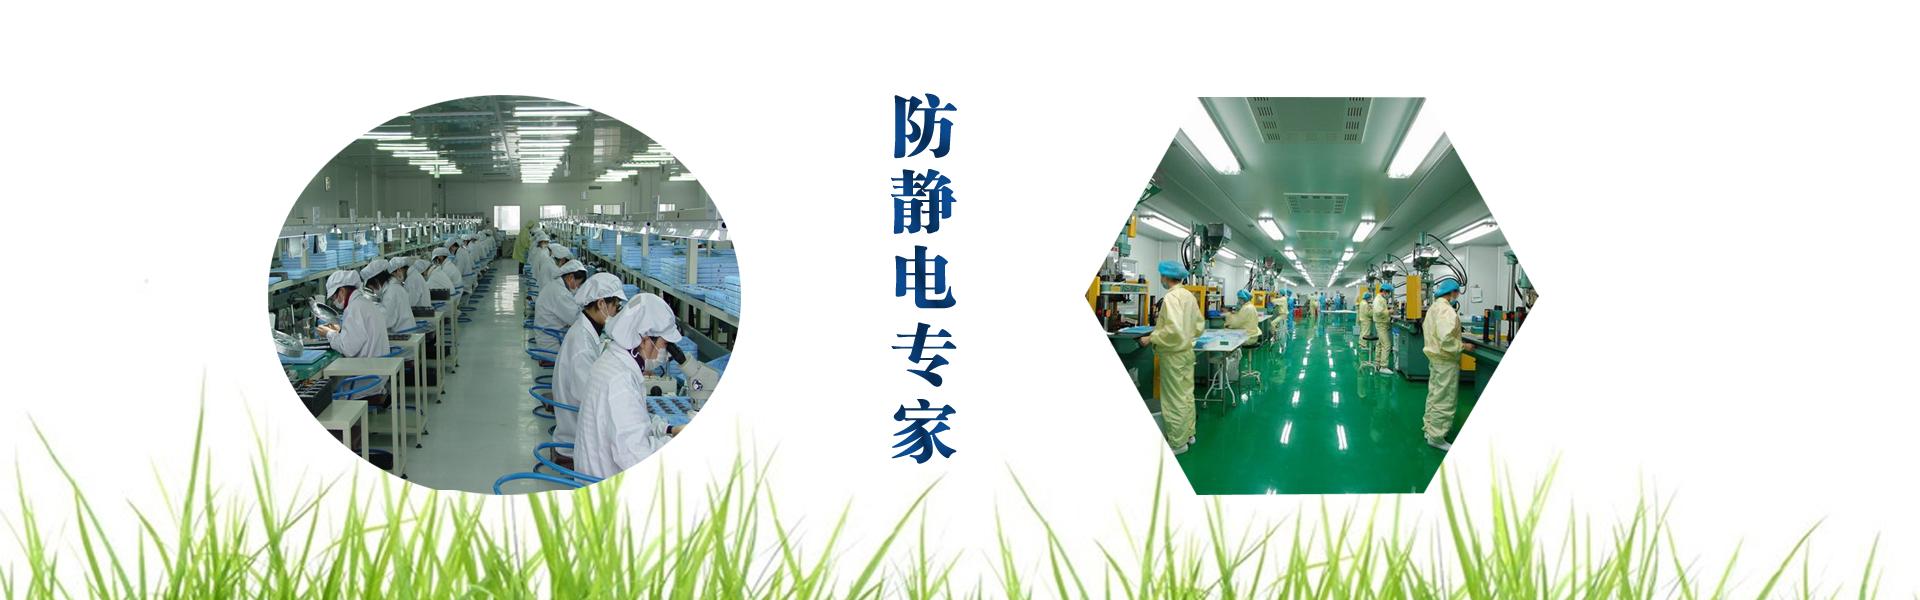 北京中科航建工程案例(净化工作台、净化工作椅、防静电环氧地坪图片)